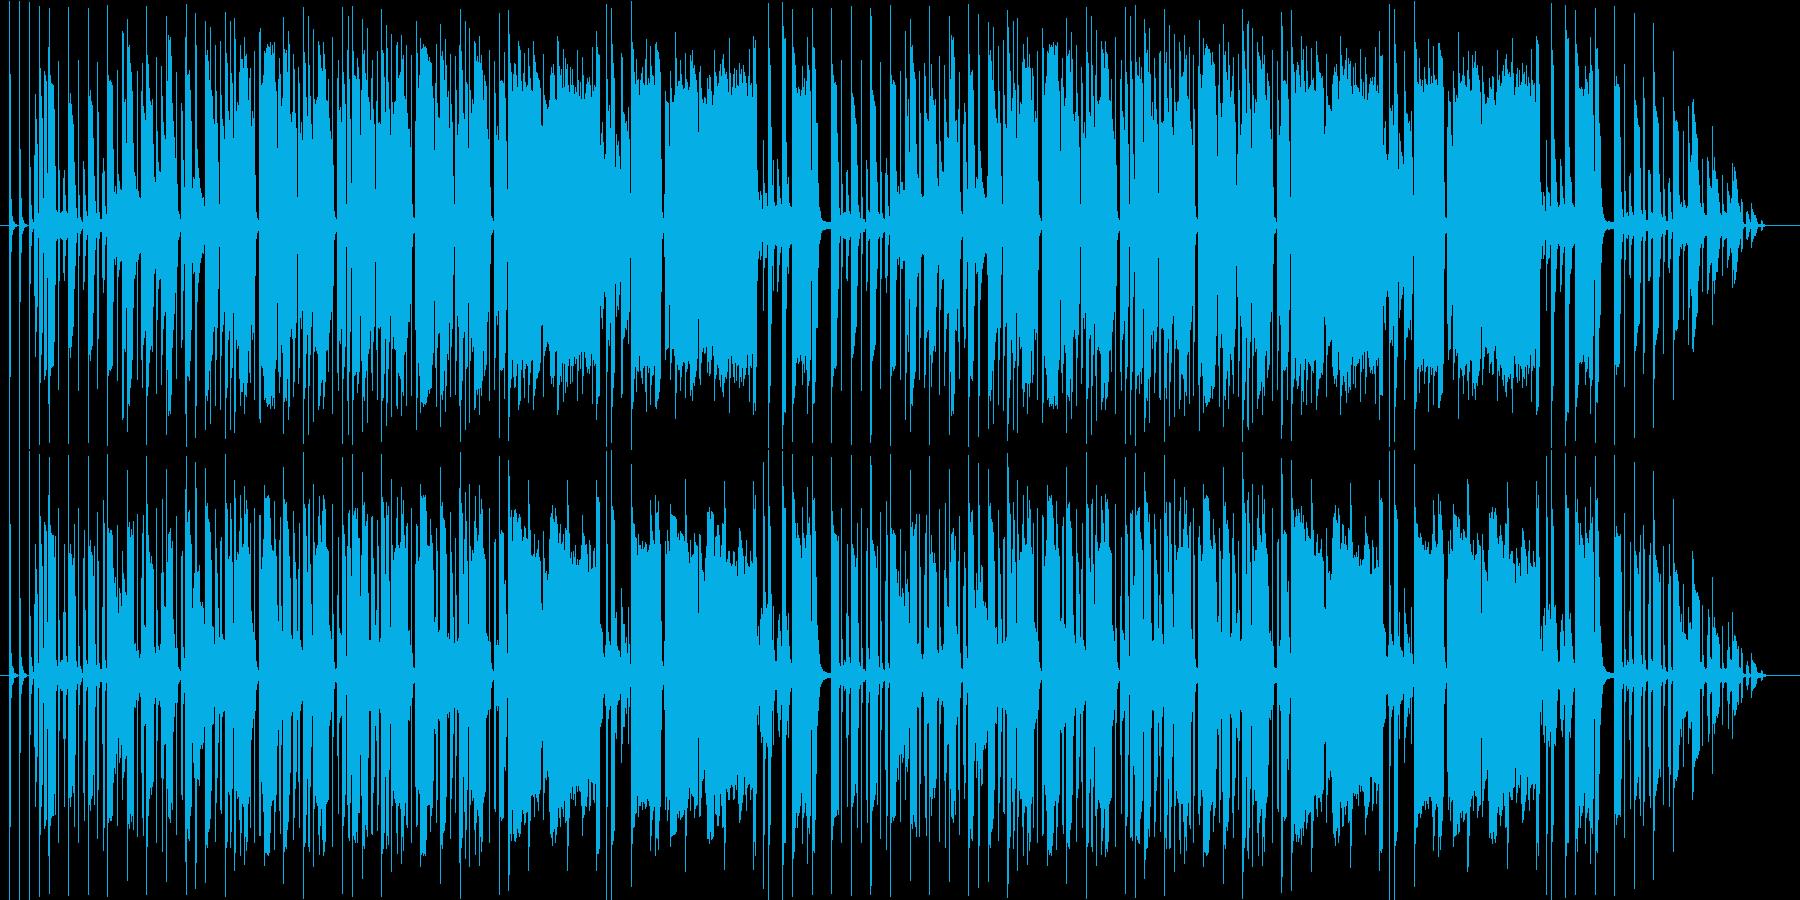 笛とアコーディオンのゆるいBGMの再生済みの波形